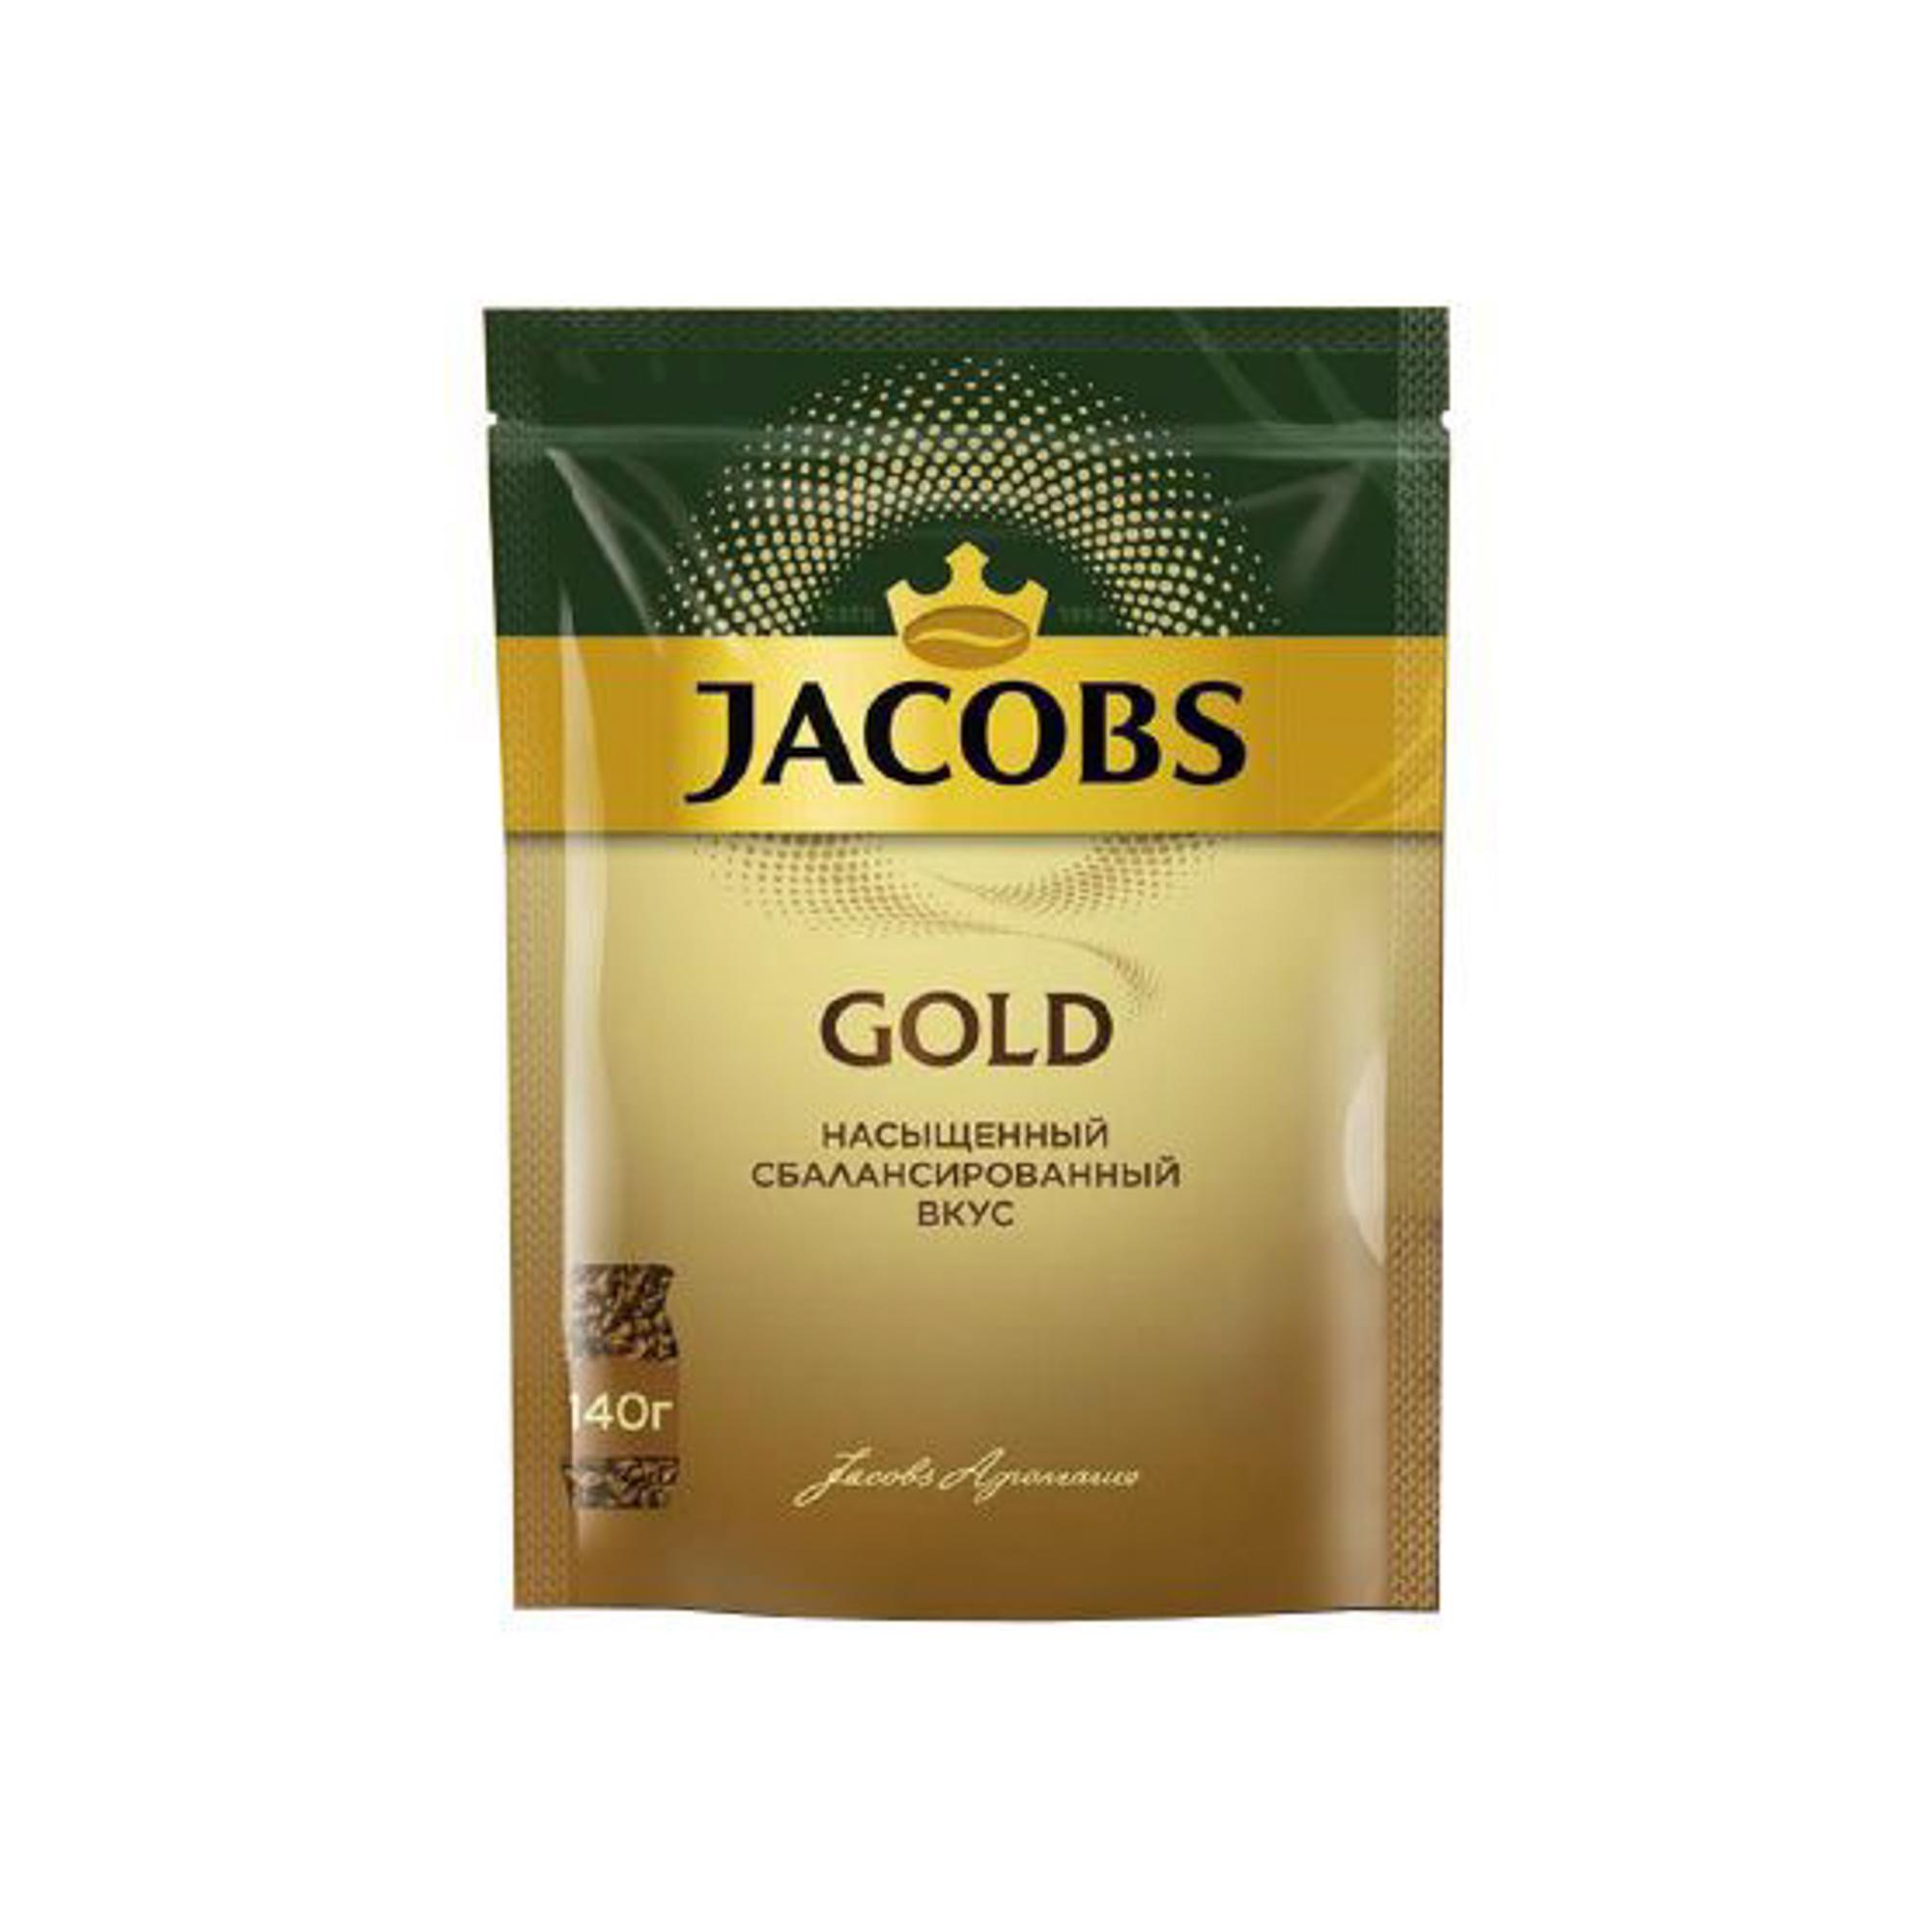 Кофе растворимый Jacobs Gold 140 г недорого